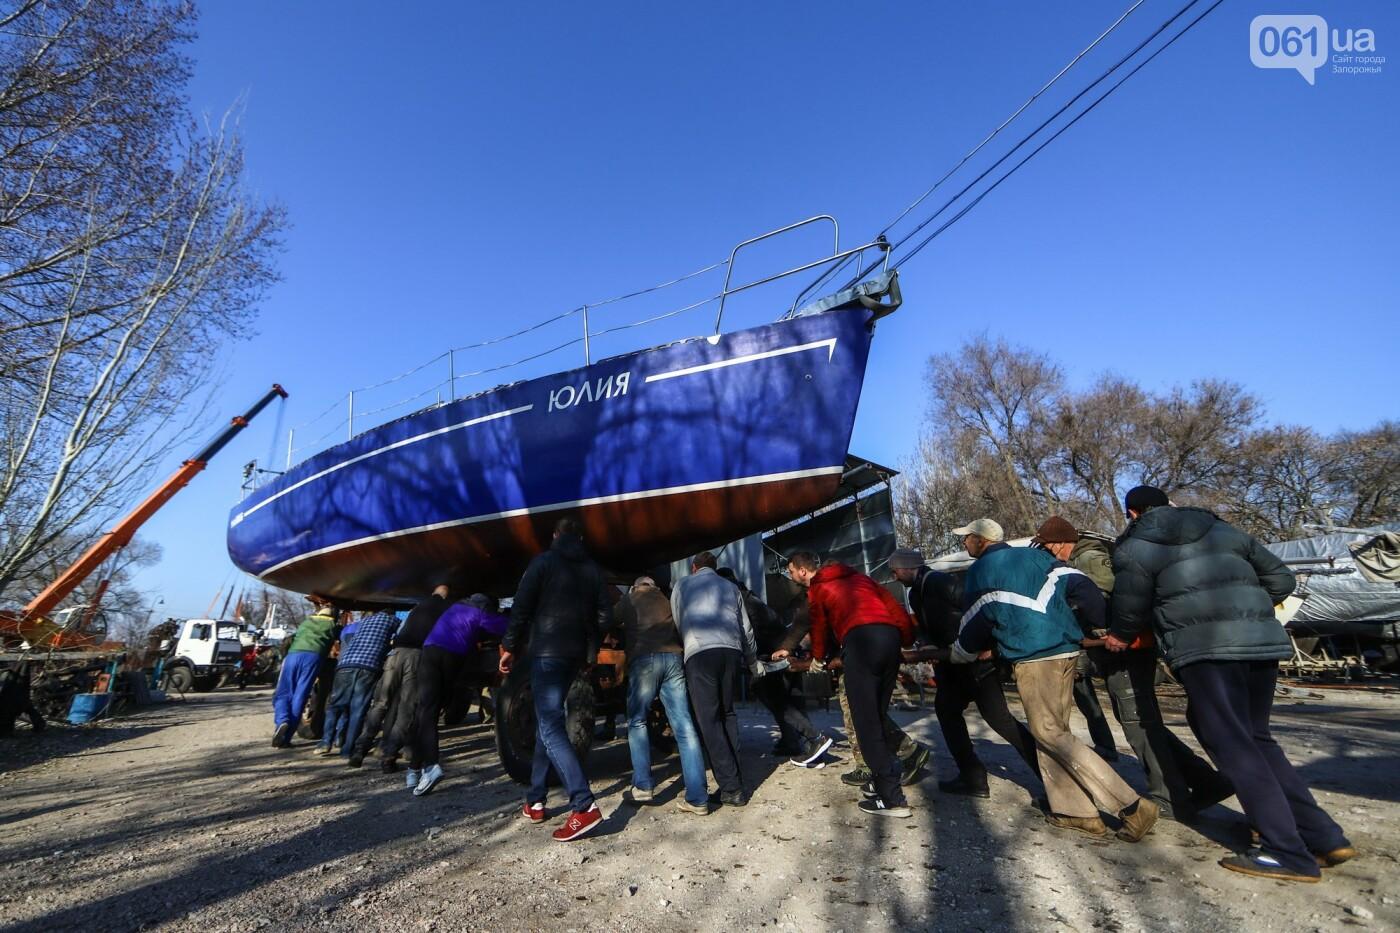 Монтаж первого пролета вантового моста, транспортный локдаун и репортаж из заброшенной шахты: апрель в фотографиях, фото-23